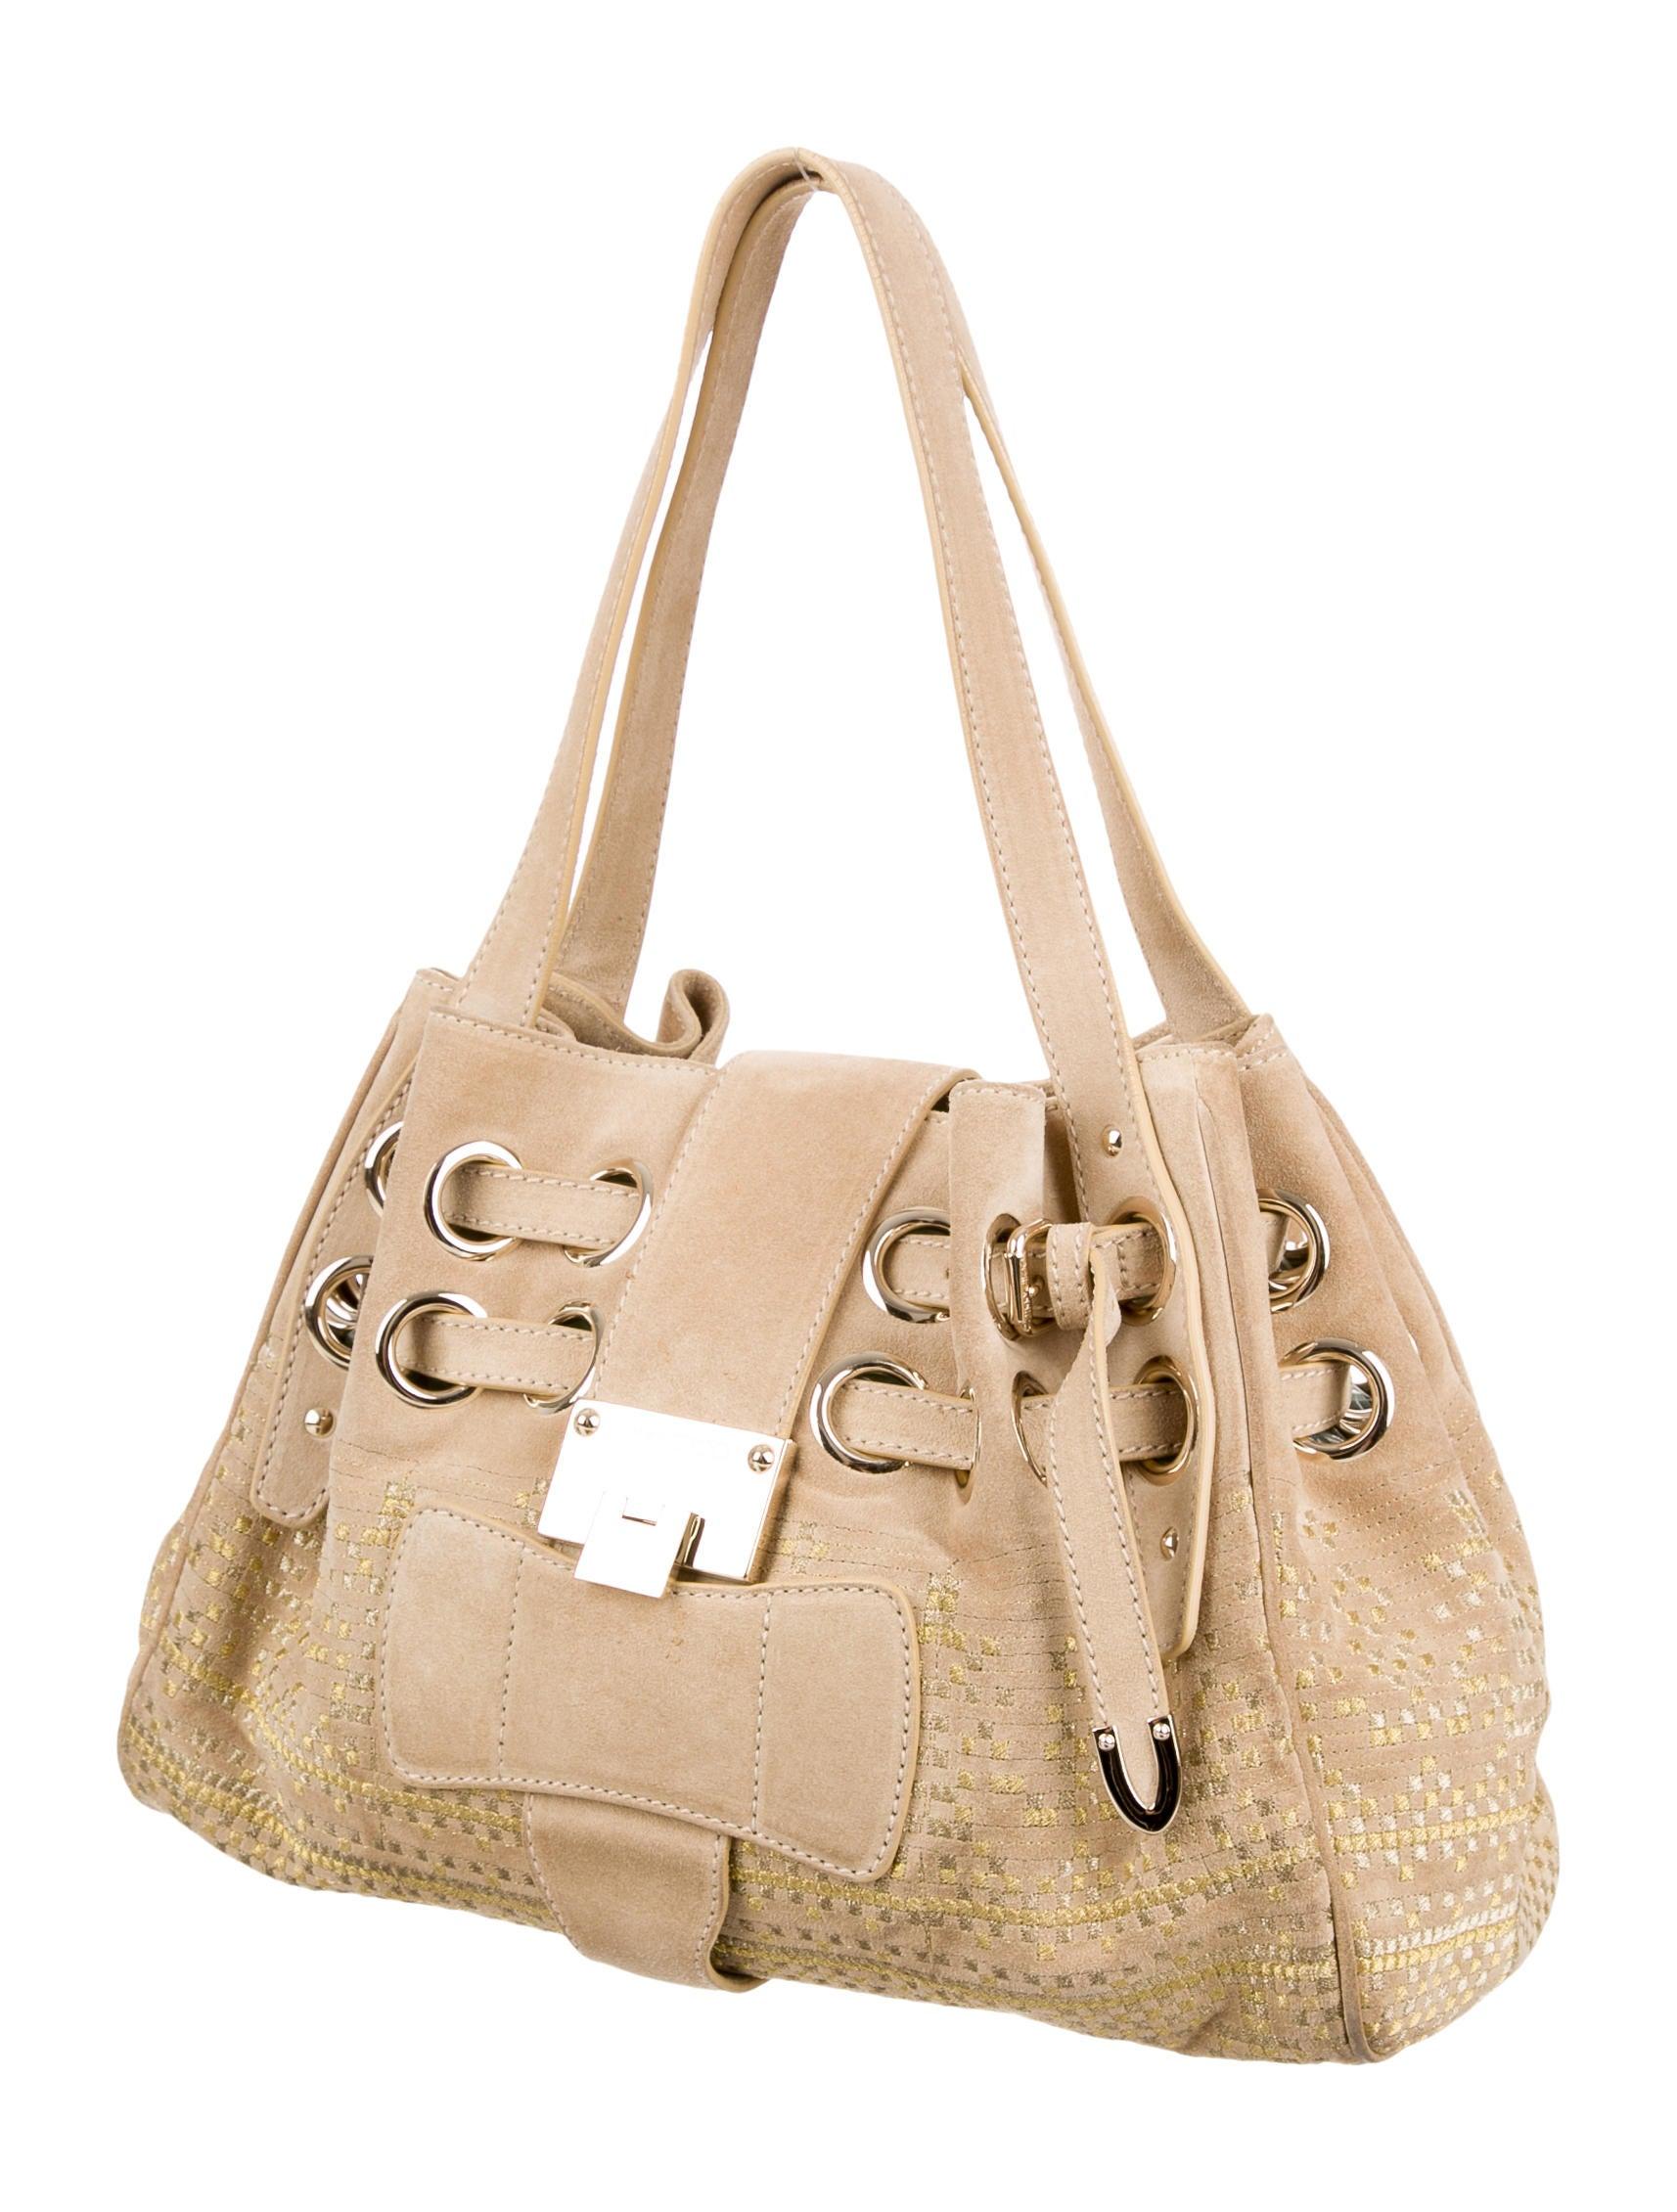 Jimmy Choo Embroidered Suede Riki Bag - Handbags - JIM63629 : The RealReal